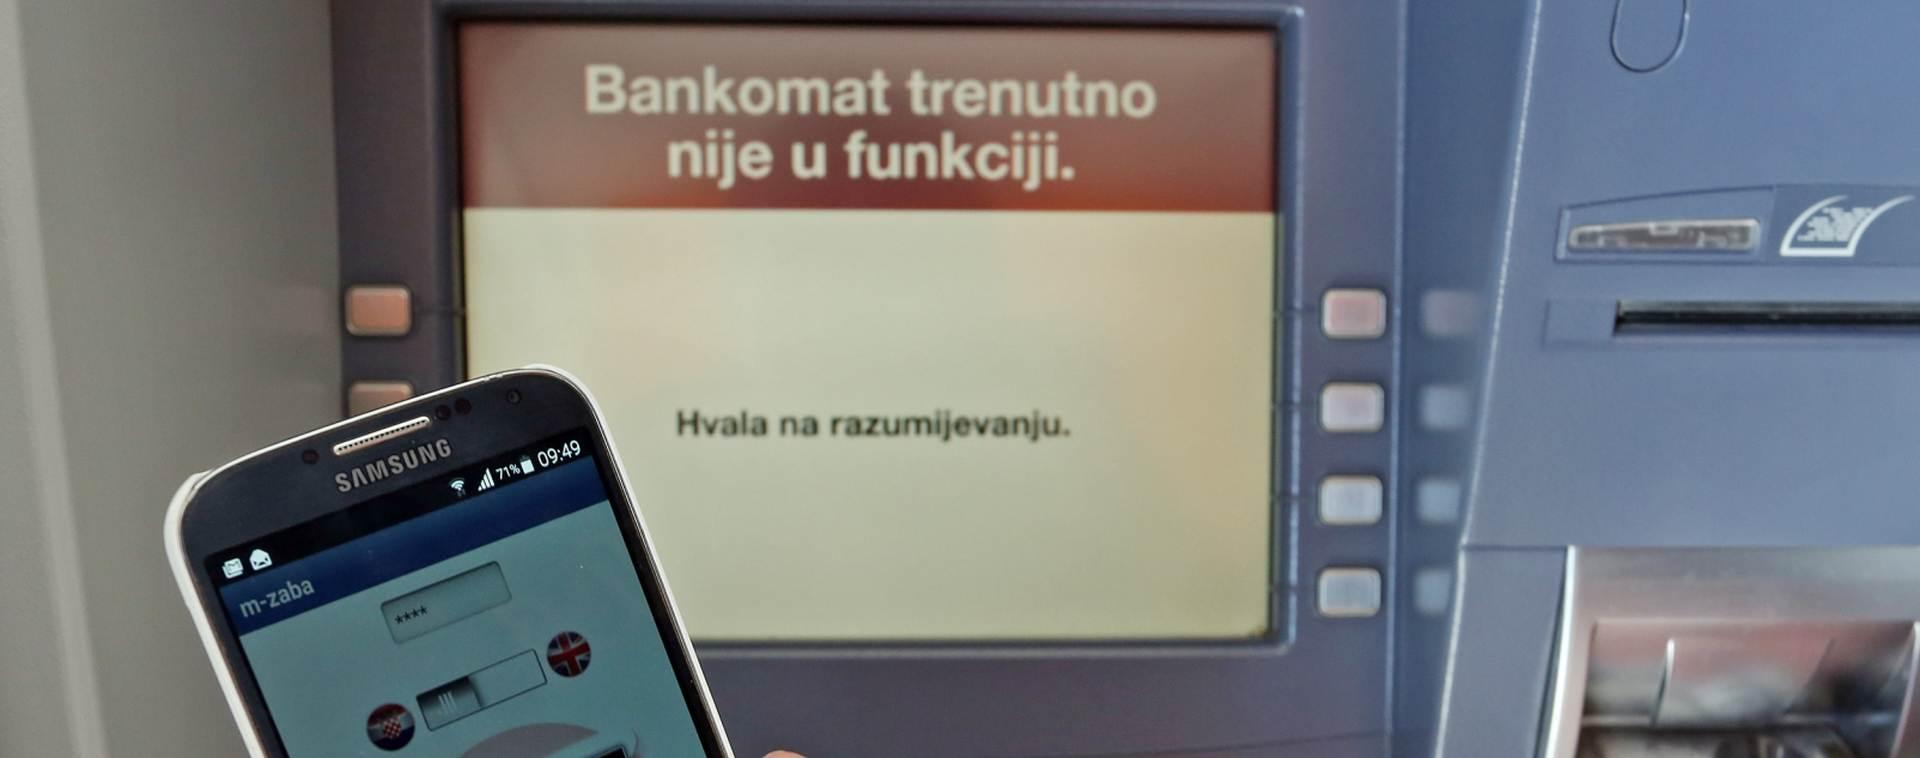 HAKERSKI NAPAD: HT još otklanja probleme, ne rade bankomati, ne primaju se kartice